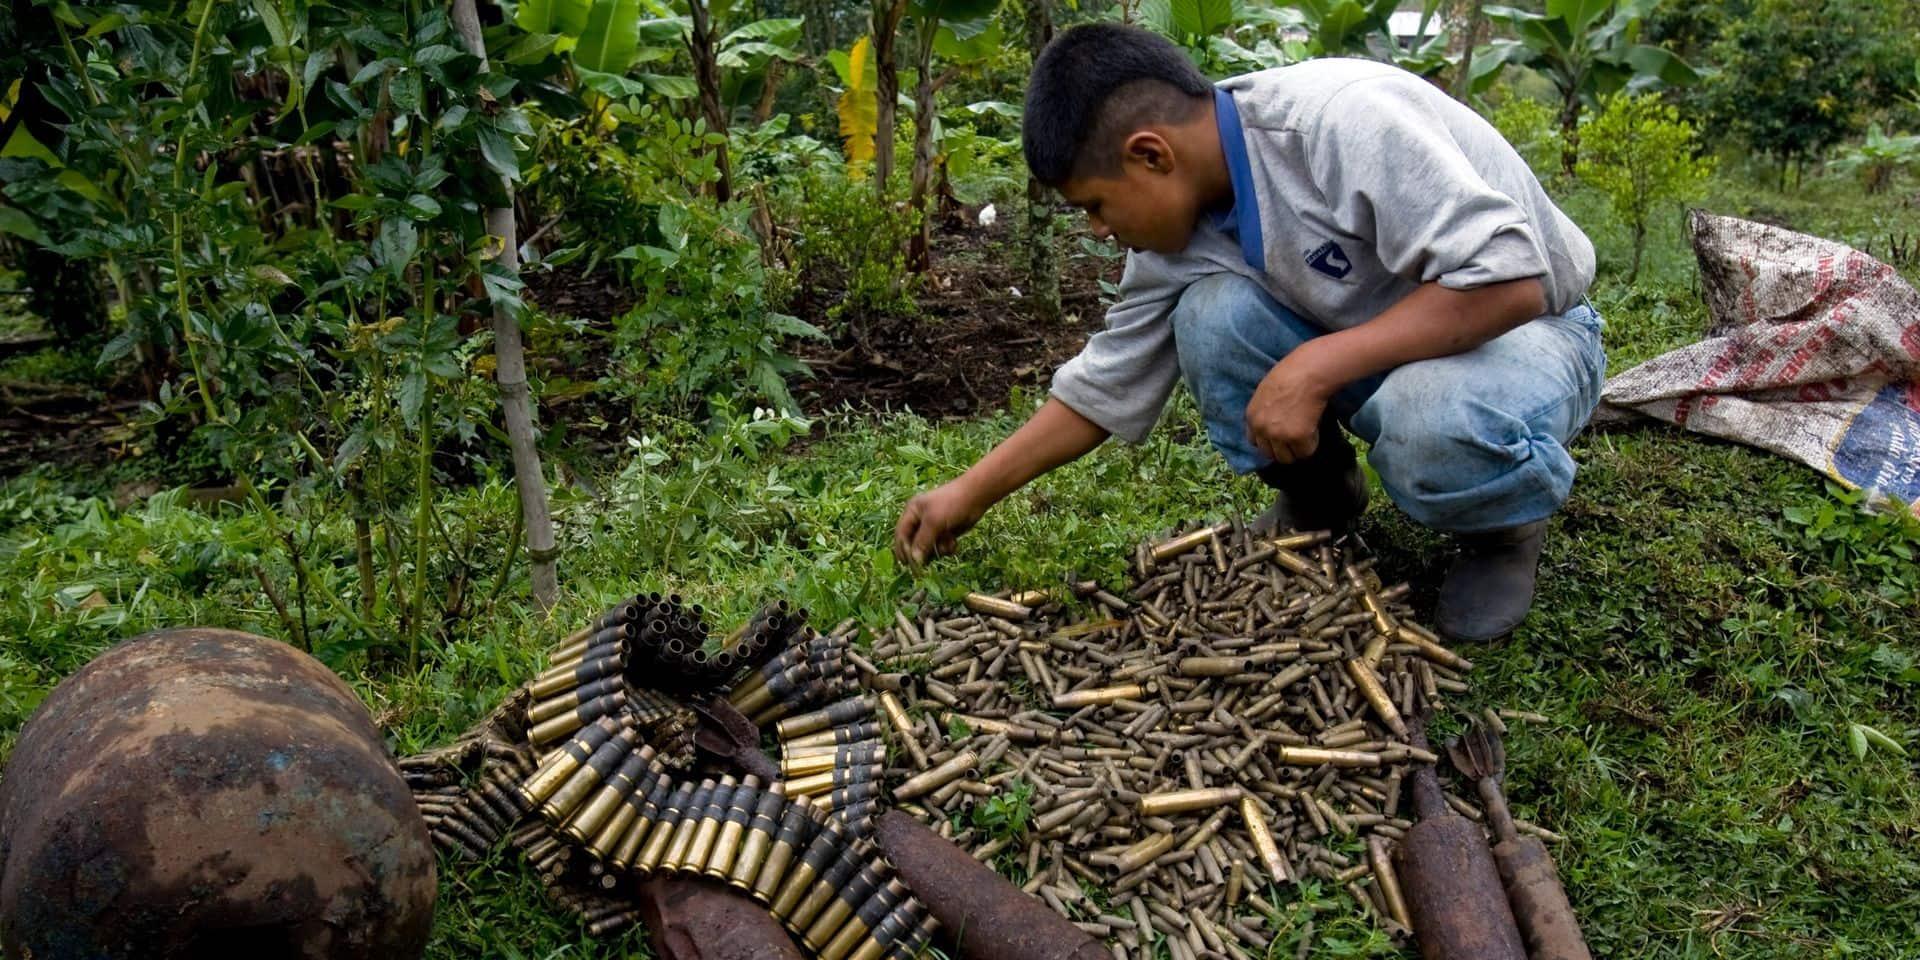 Au cœur de l'ultraviolence en Colombie